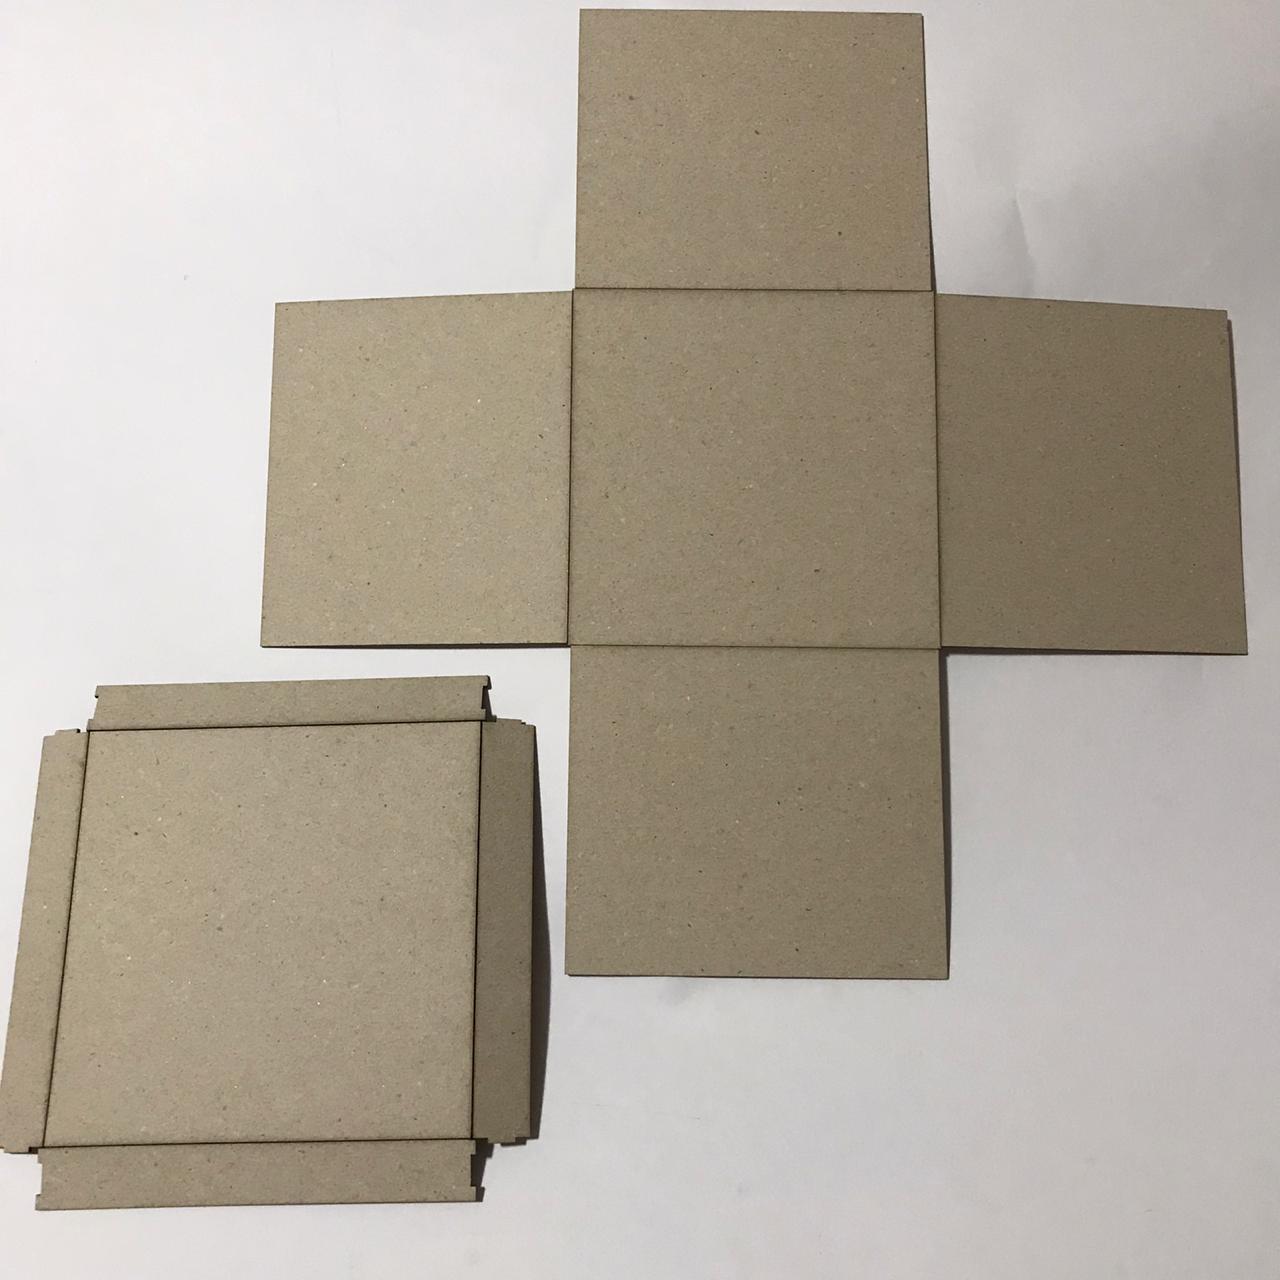 Kit Cartonagem - Caixa Quadrada Explosão - 5 unidades